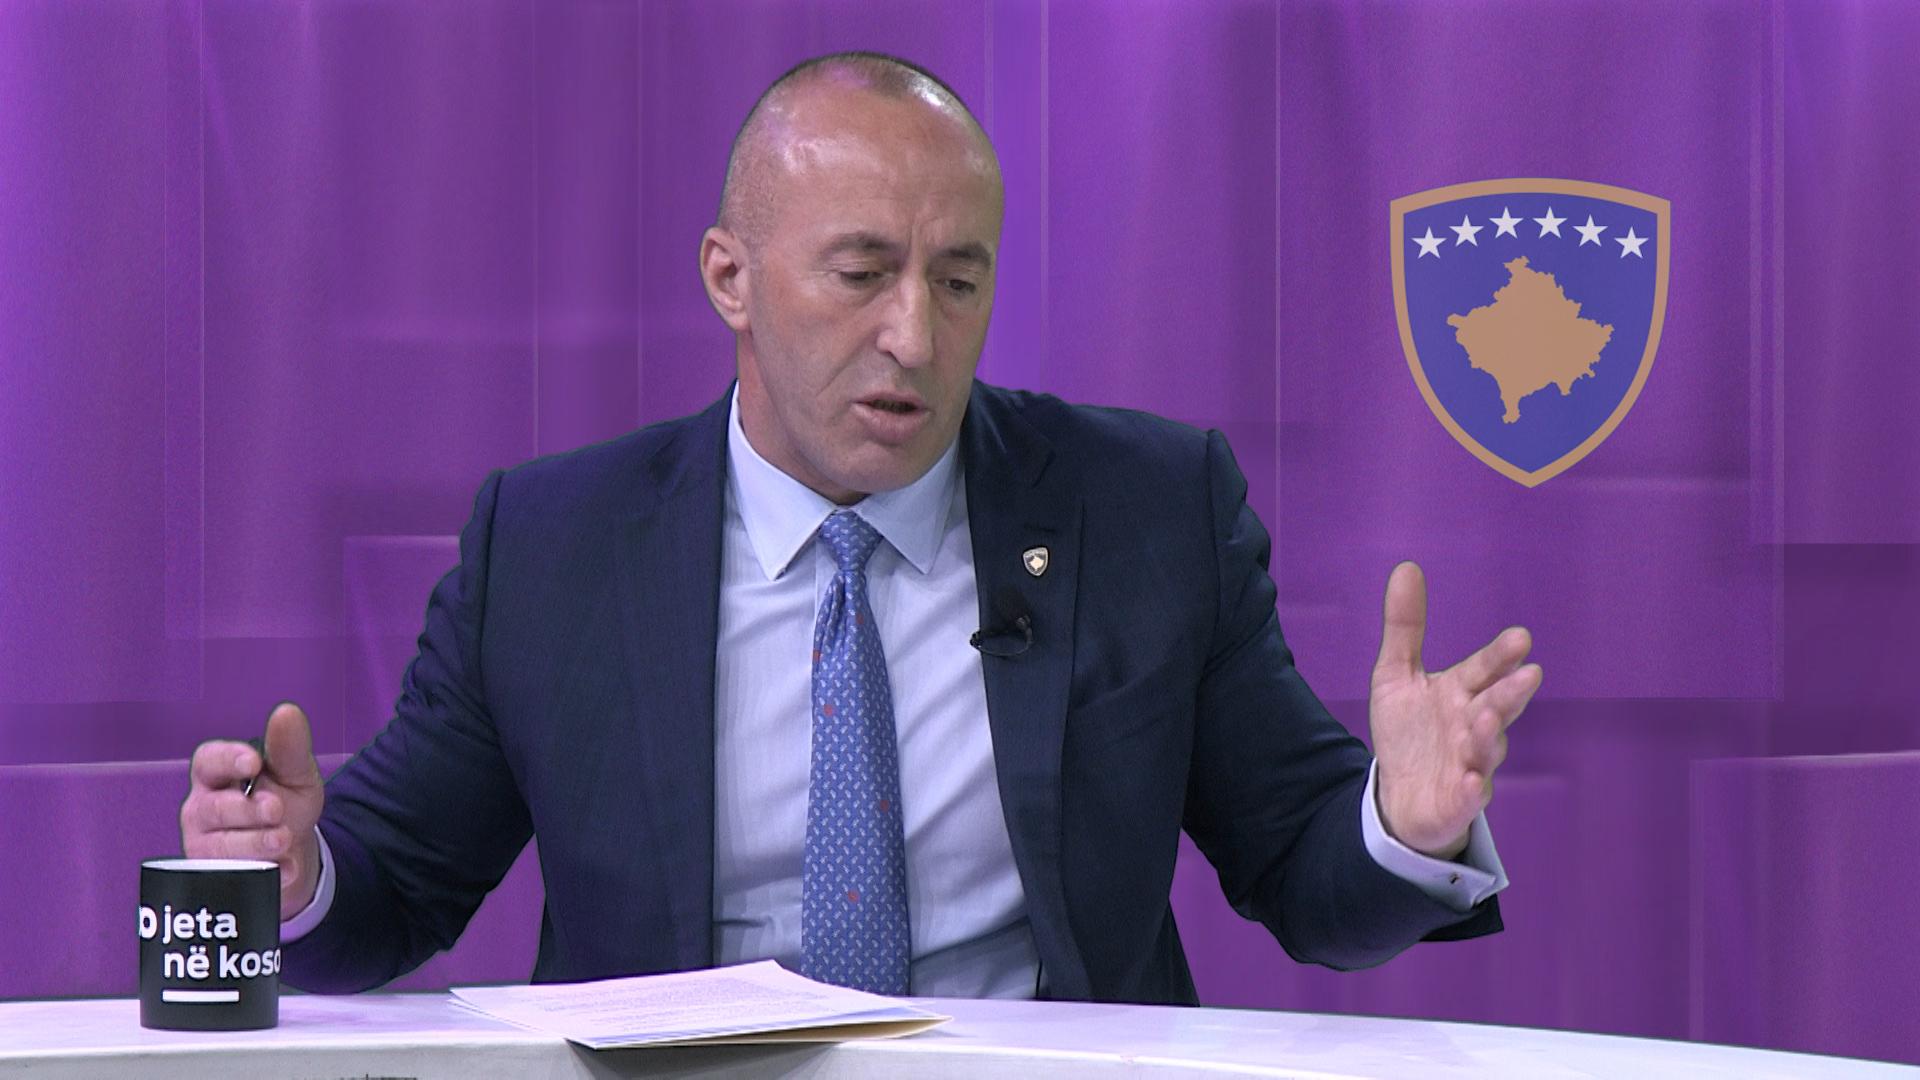 Haradinaj  Nëse s ka njohje  a duhet që edhe Kosova të armatoset